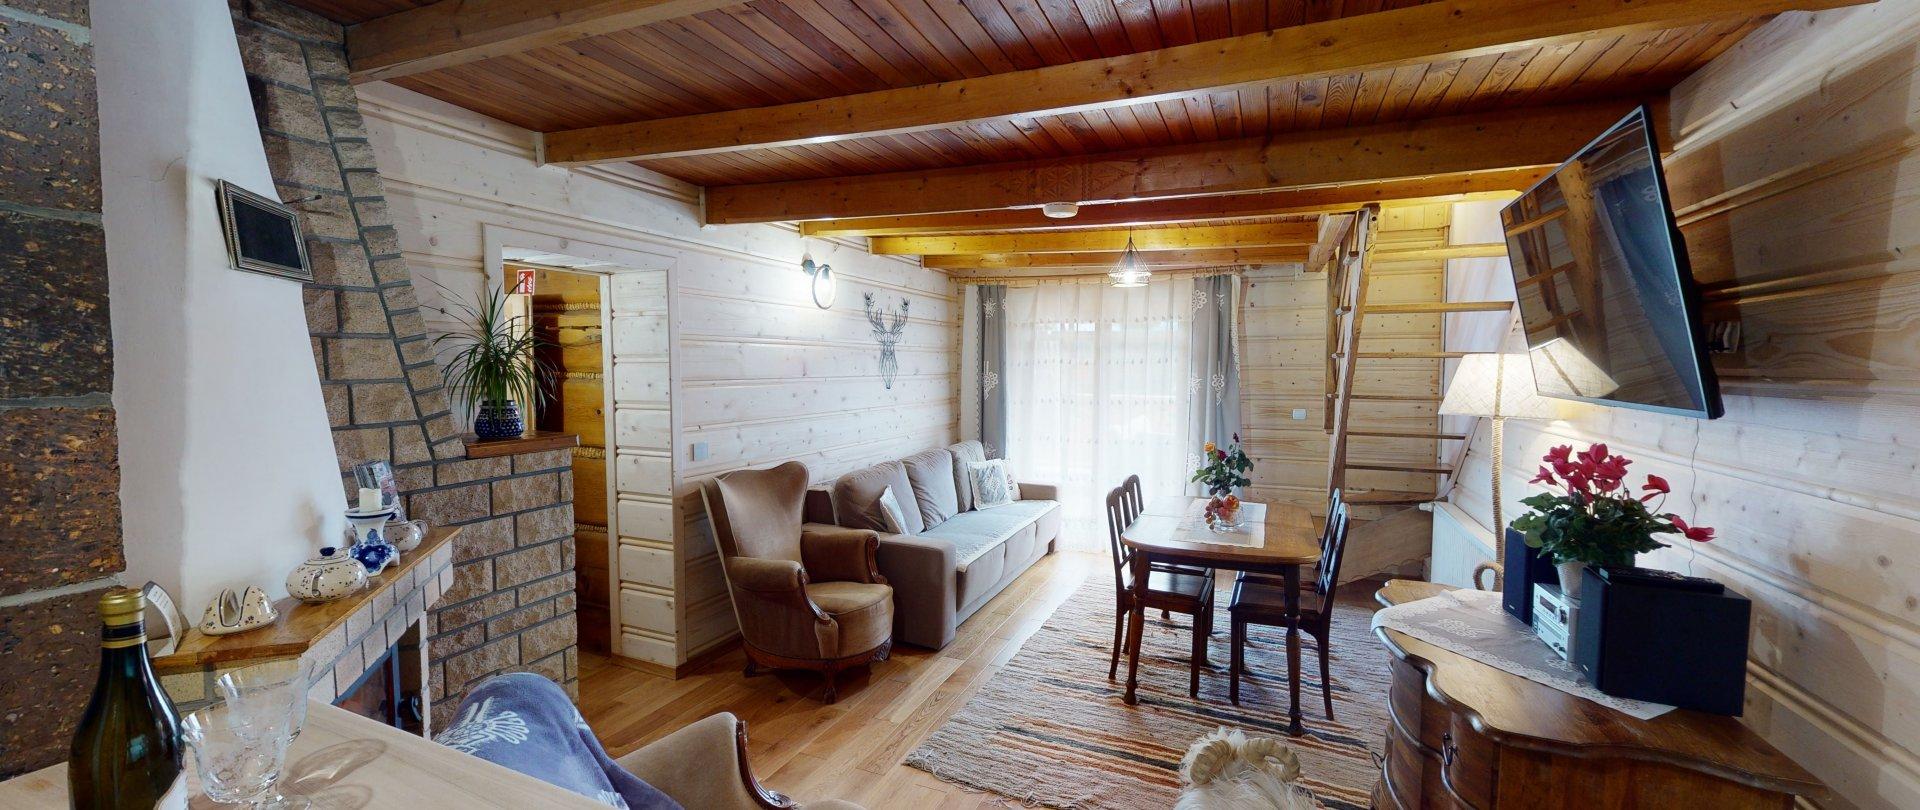 Палата 4 - бабушкины апартаменты бабушки Леокадии